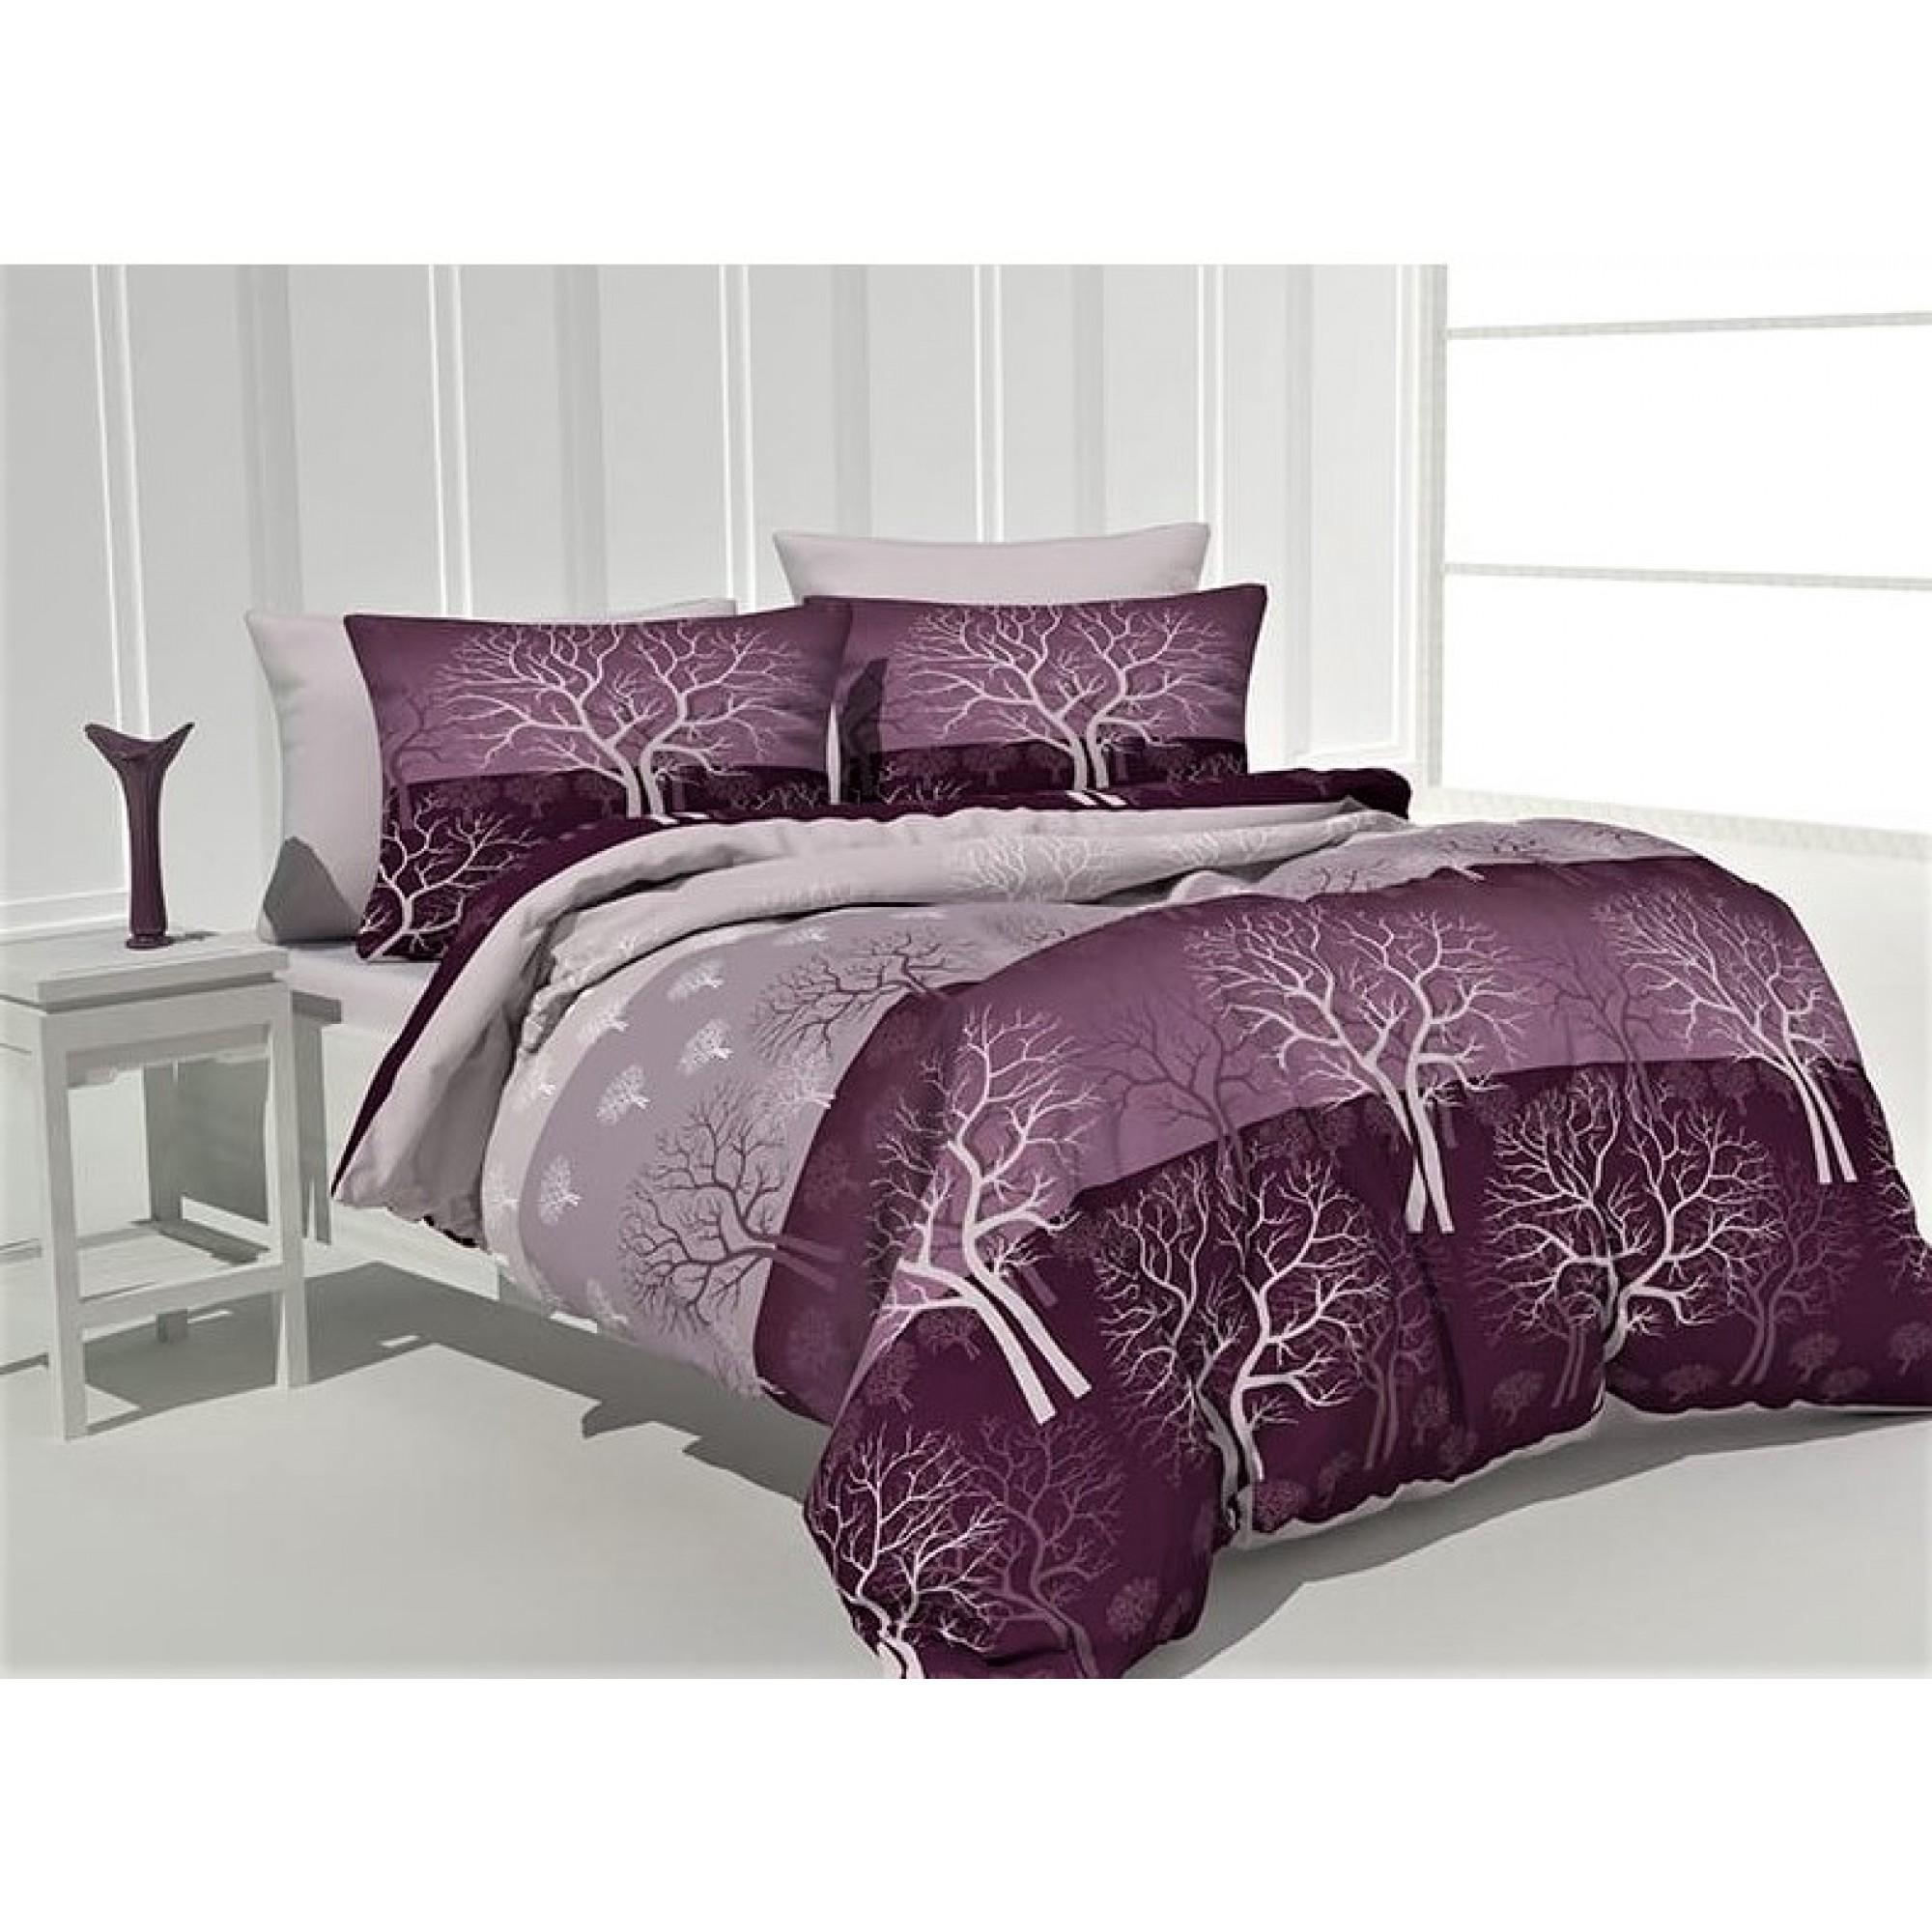 Спално бельо от 100% Памук Дръвче в лилаво